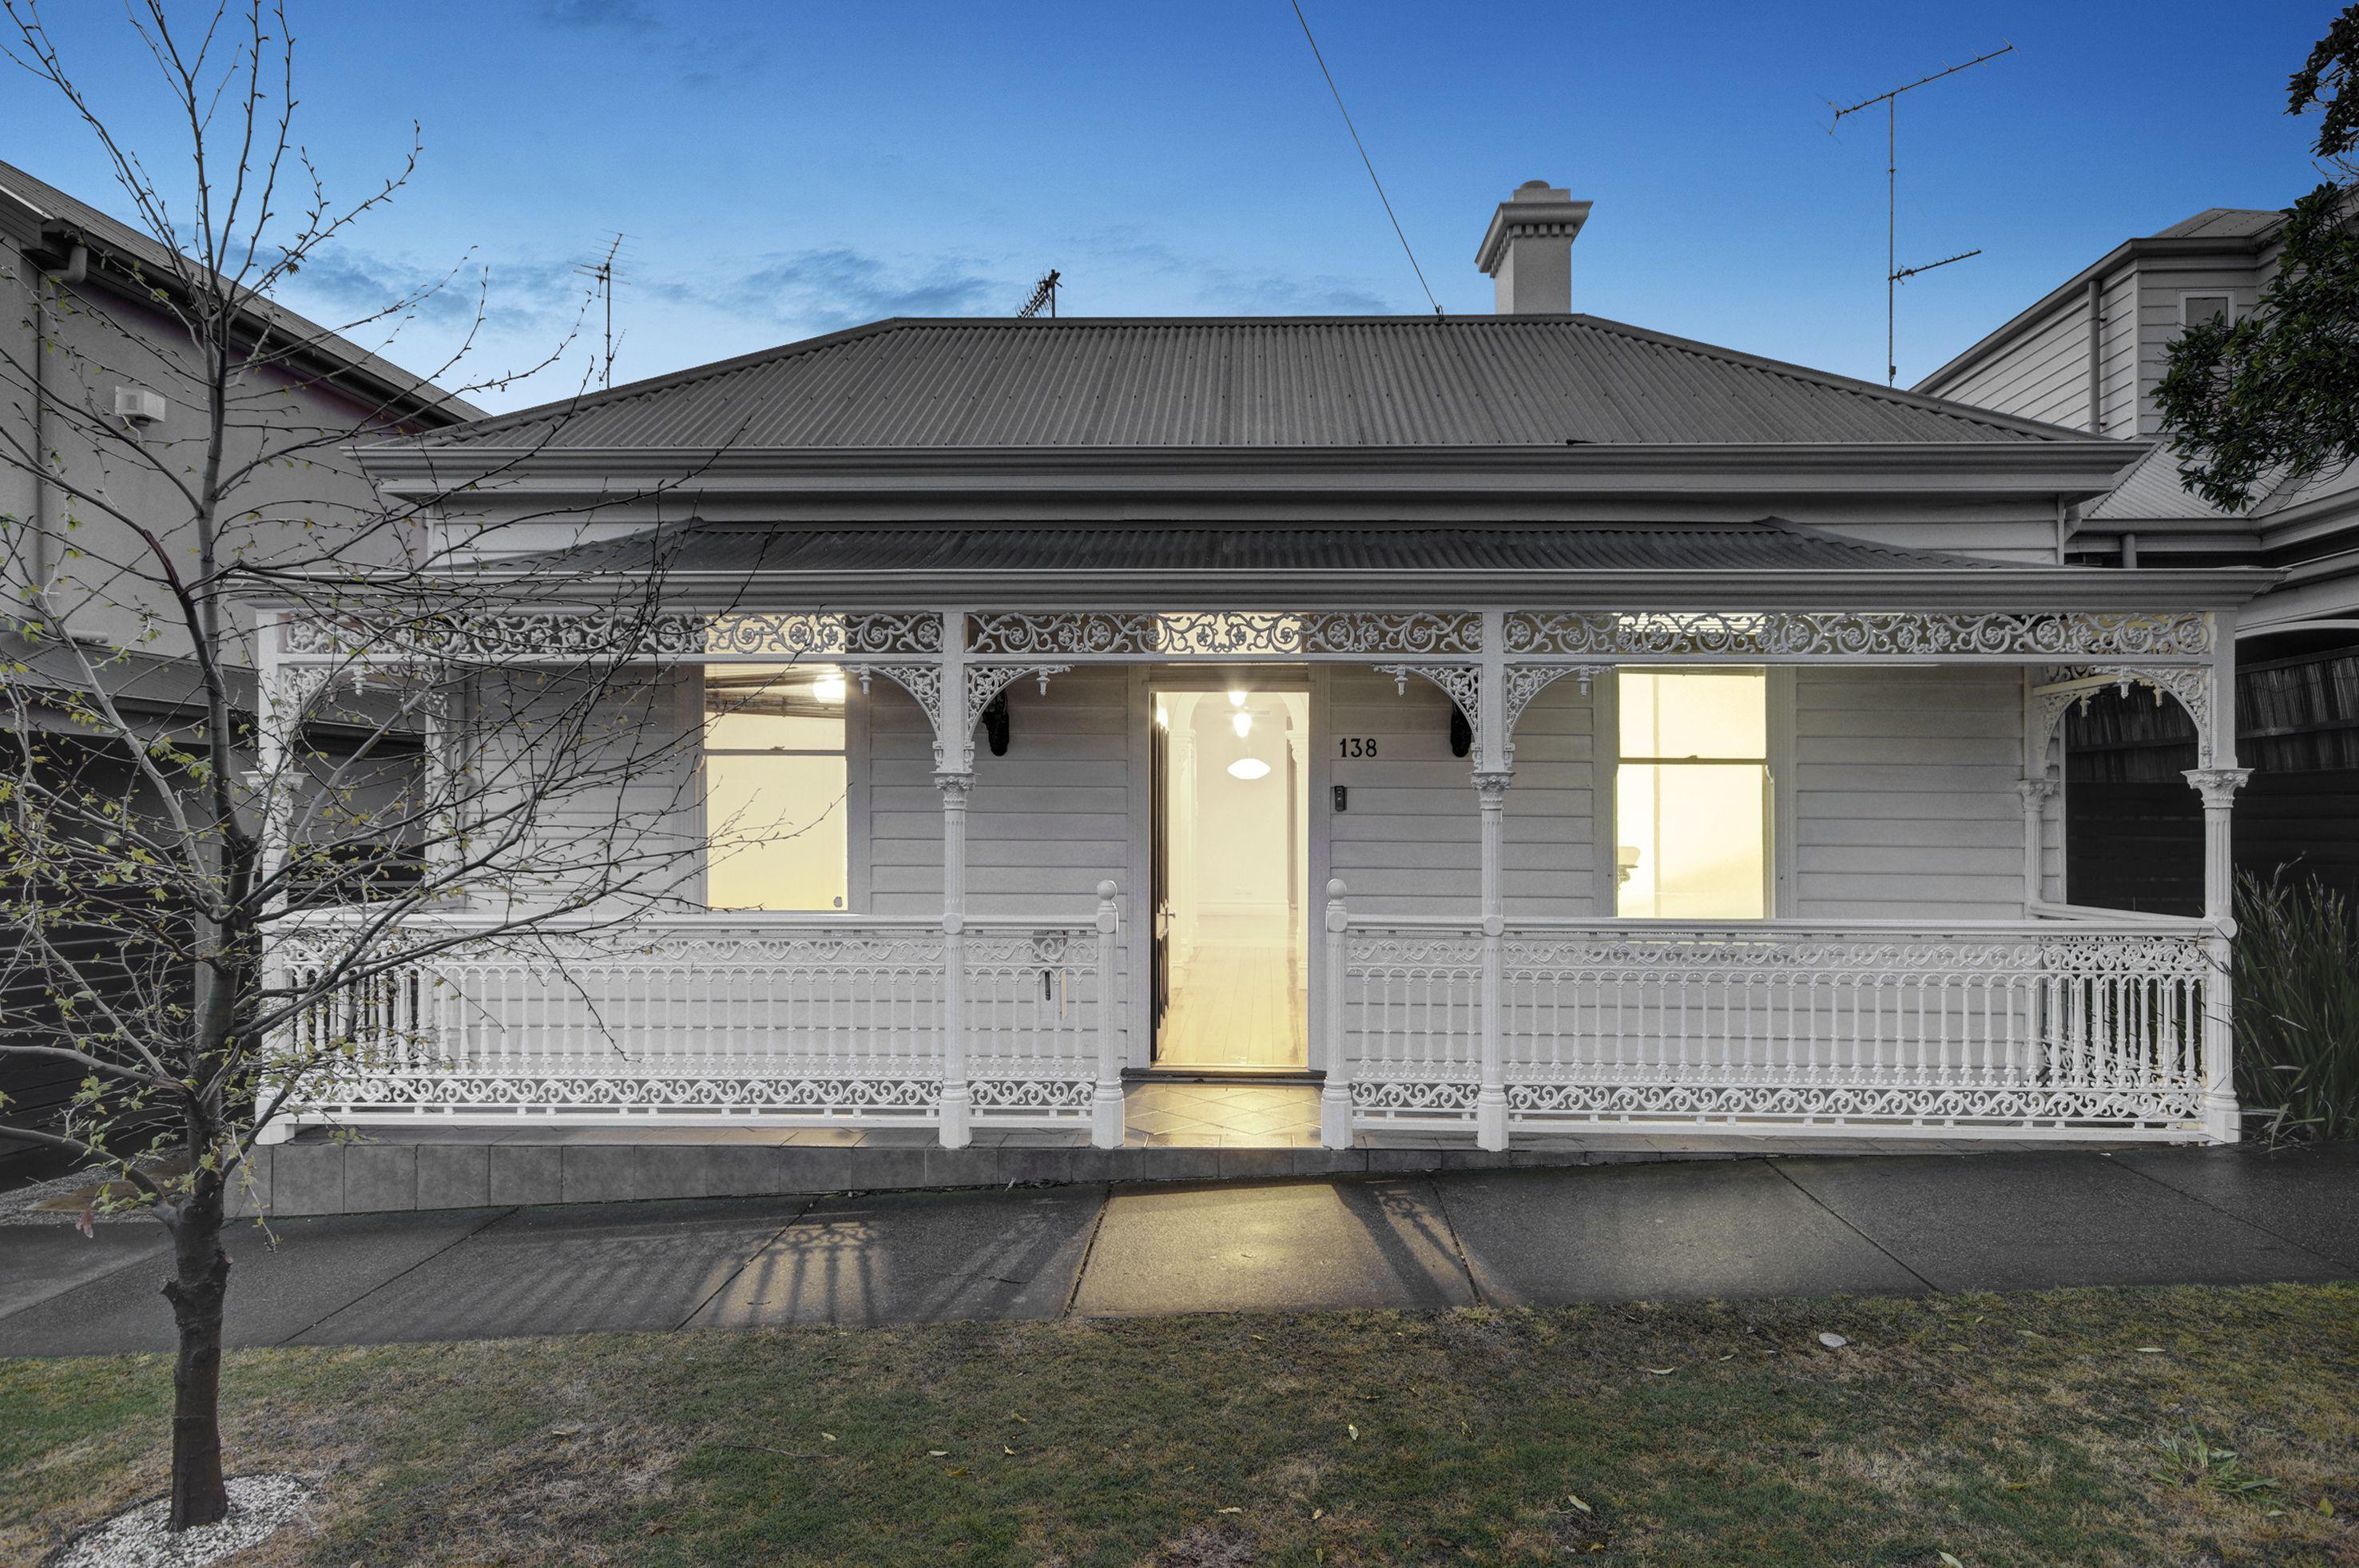 138 Gheringhap Street</br>Geelong